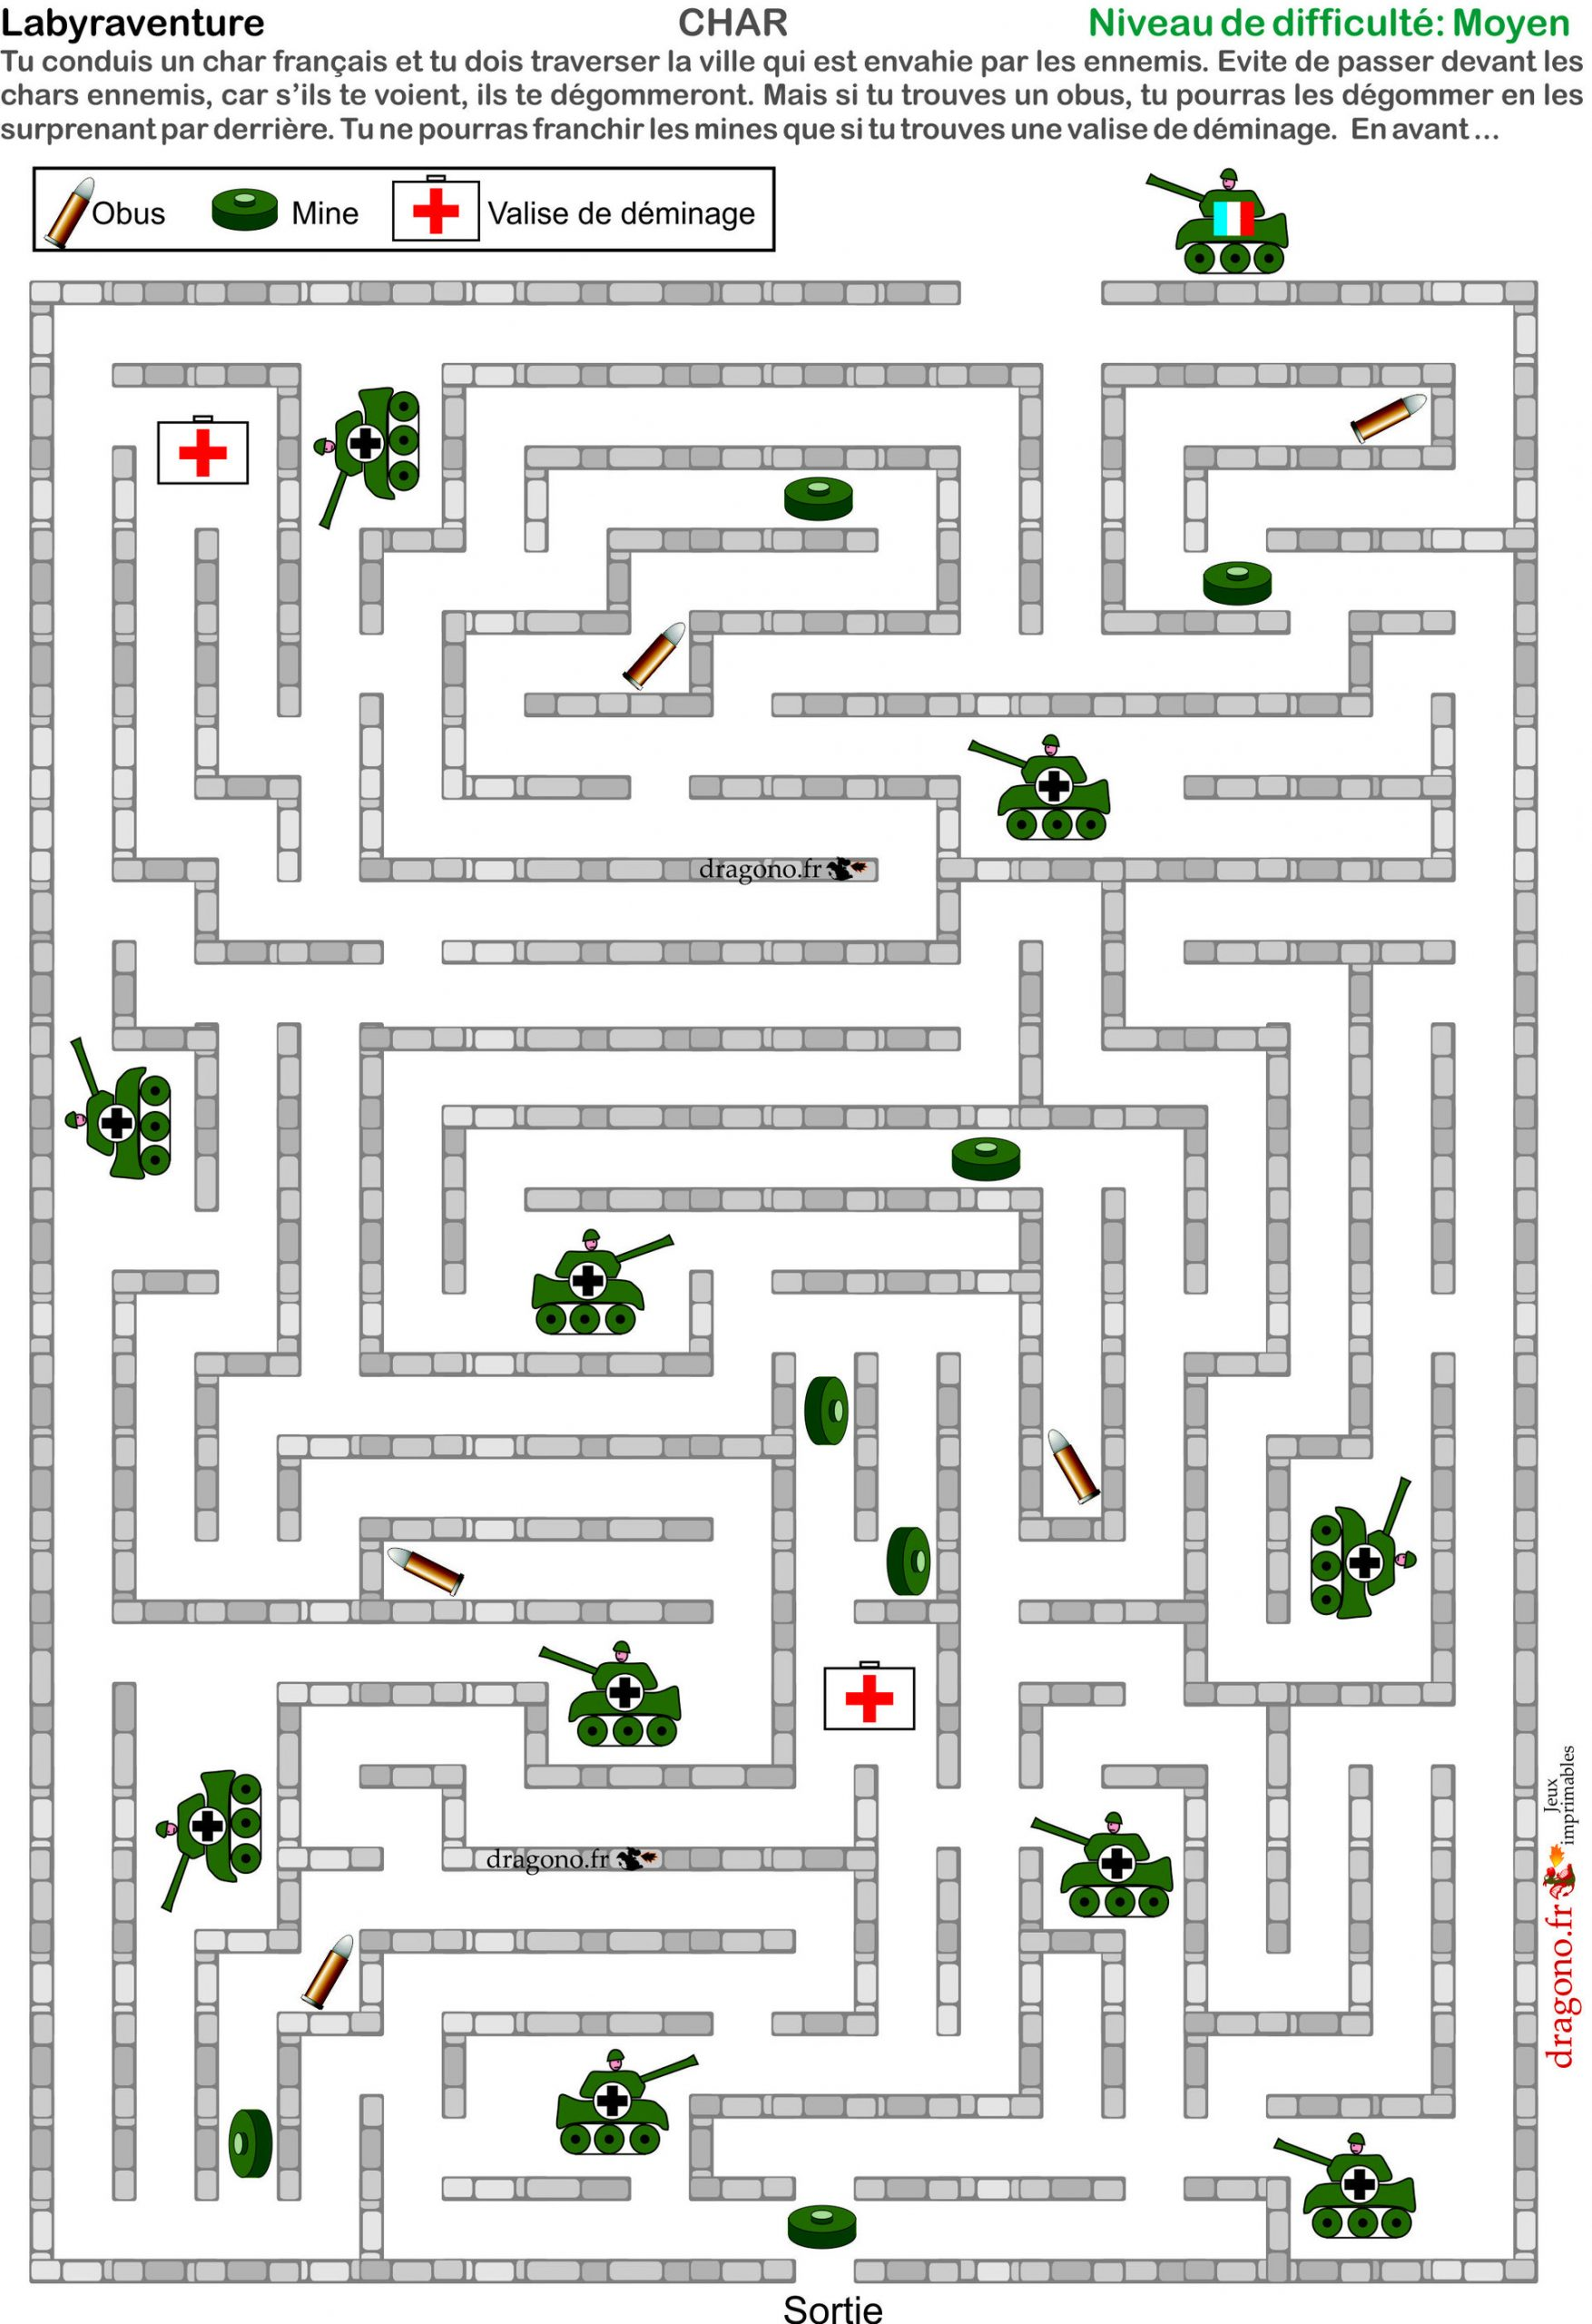 Labyrinthes À Imprimer Avec Chars, Mines, Obus. Jeu À destiné Labyrinthe A Imprimer